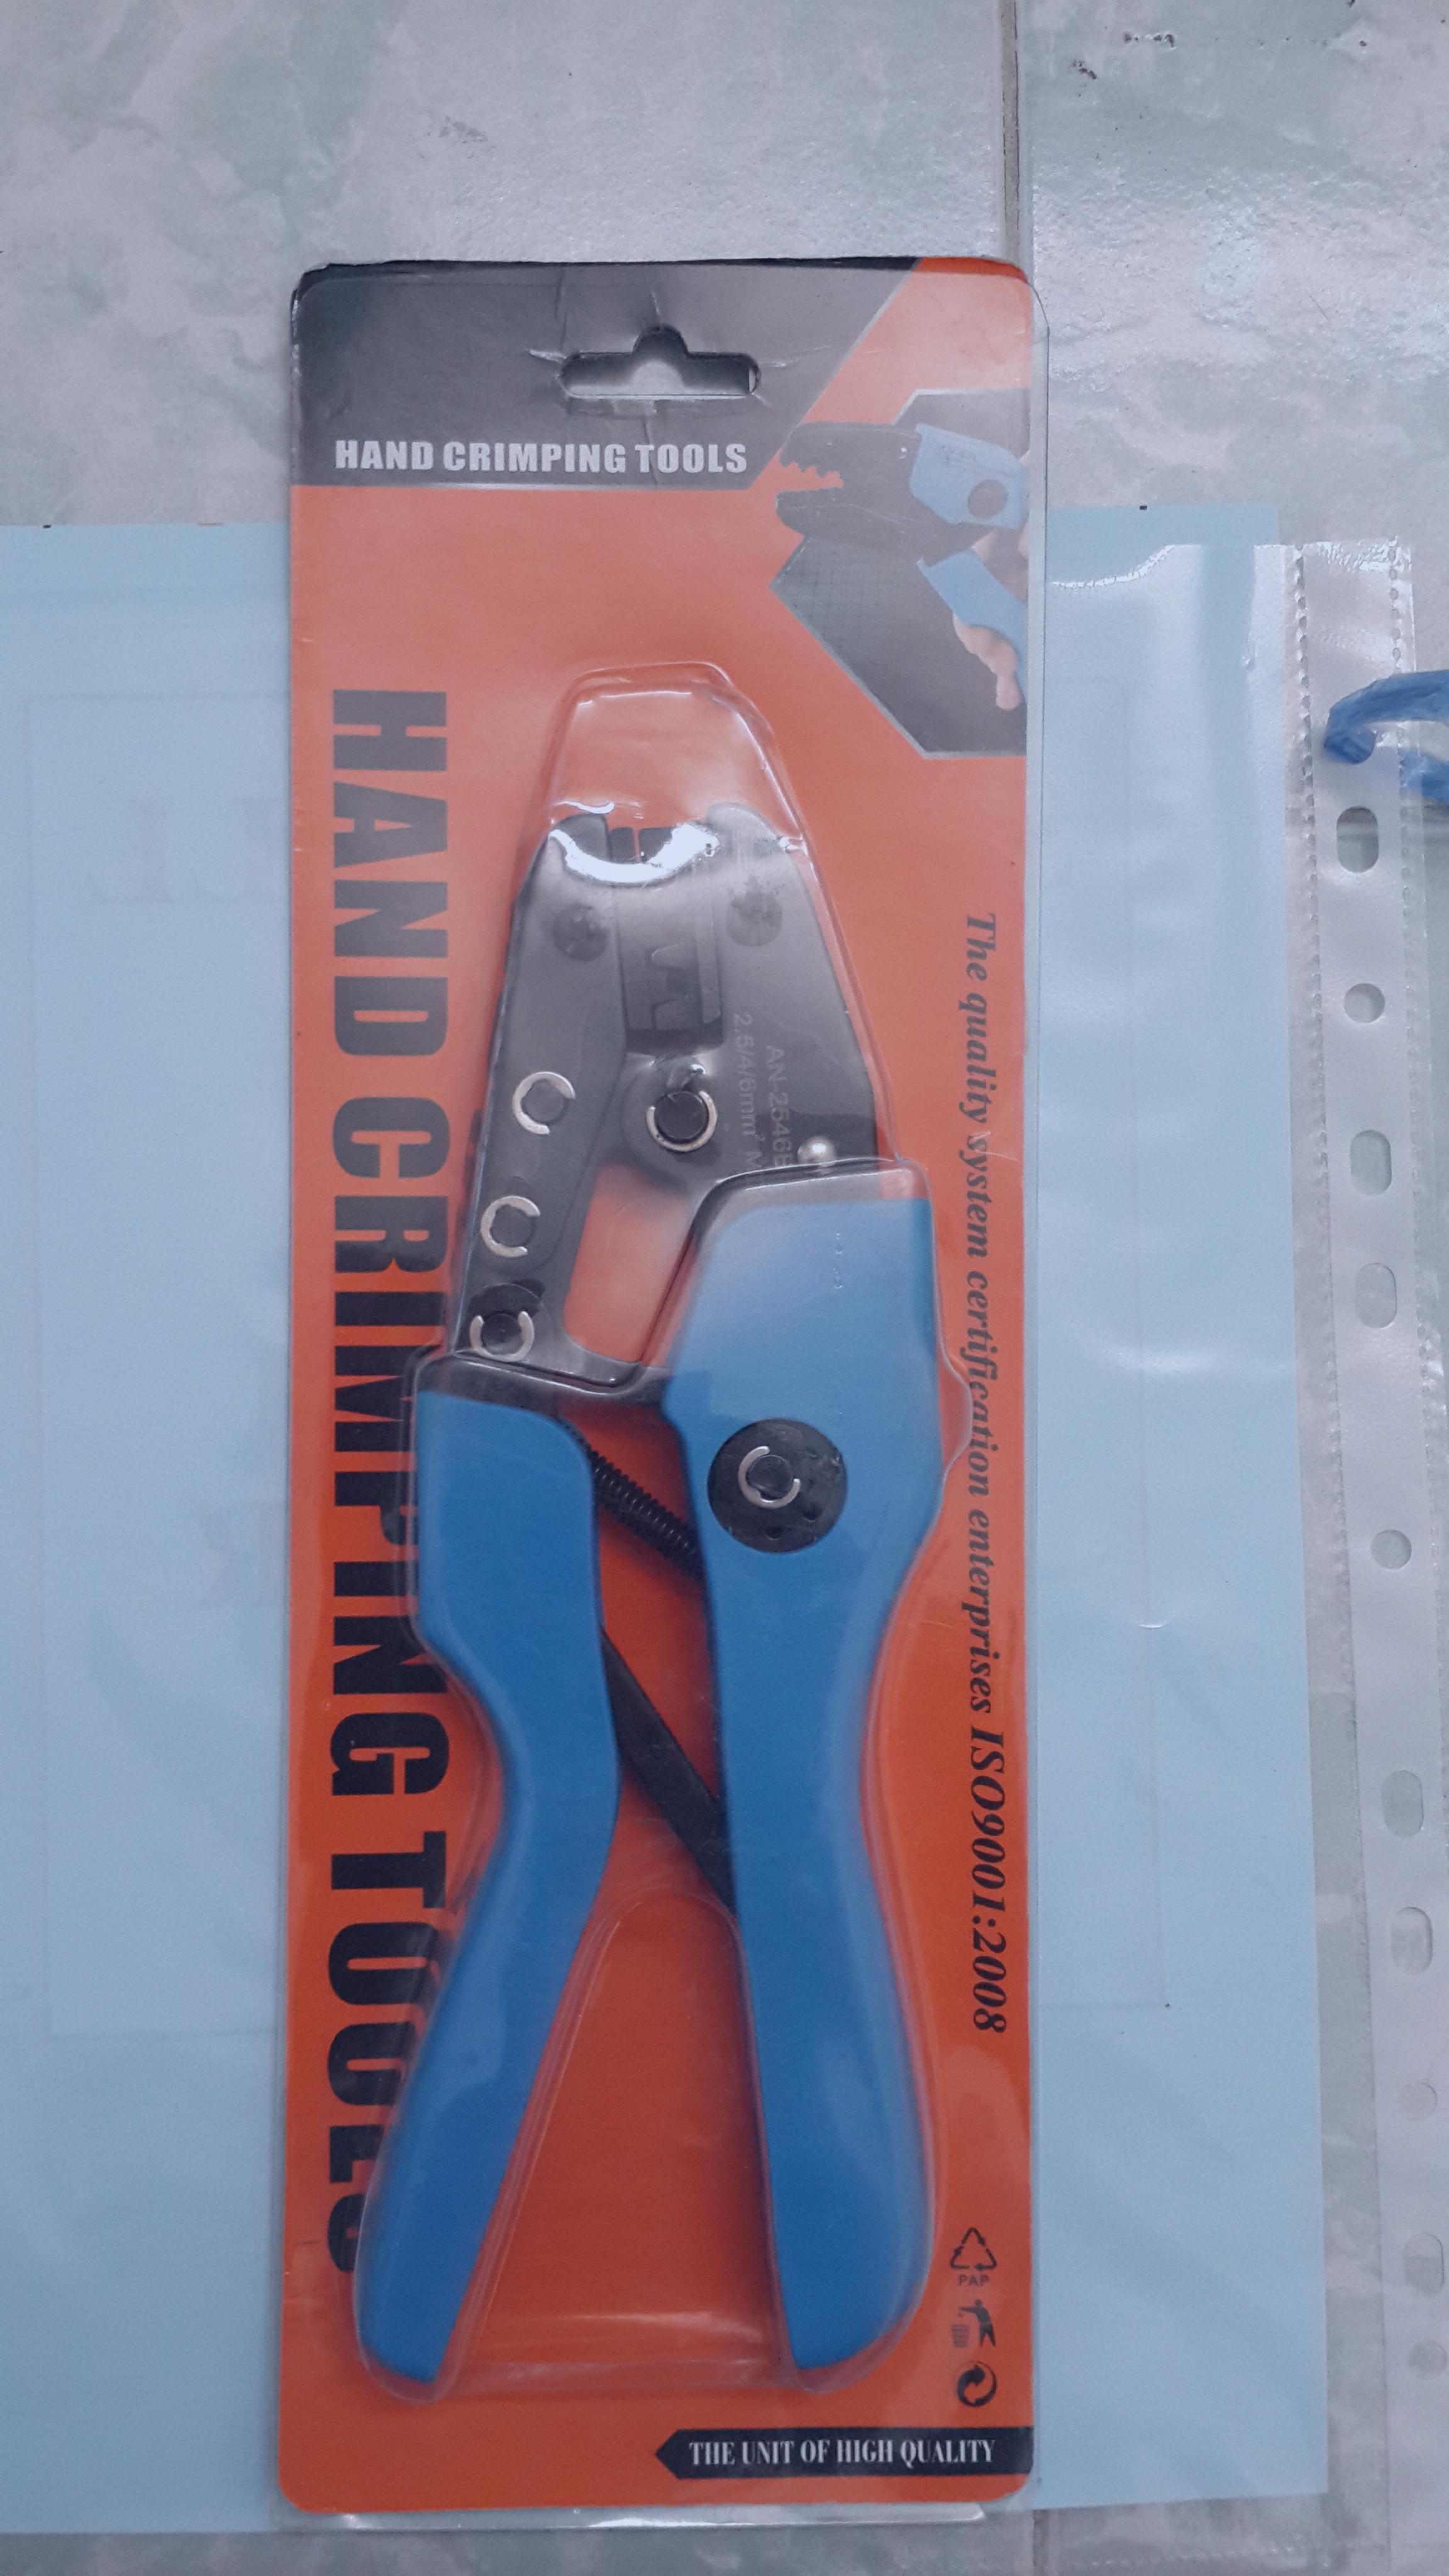 ชุดคีมย้ำสายไฟ_Solar crimping Tool Kit RX-K1